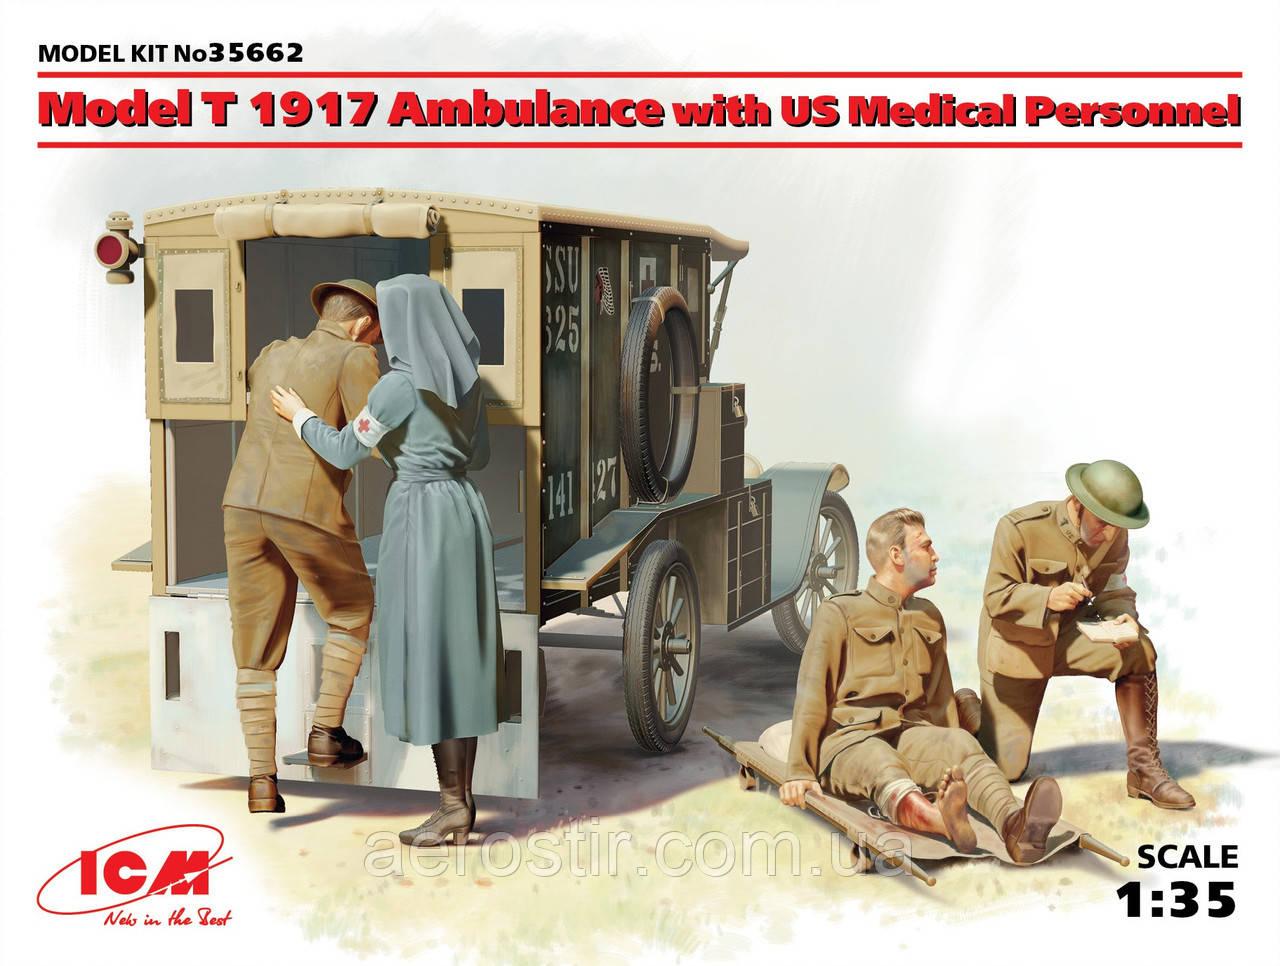 Модель Т1917 санитарная с медицинским персоналом 1/35 ICM 35662